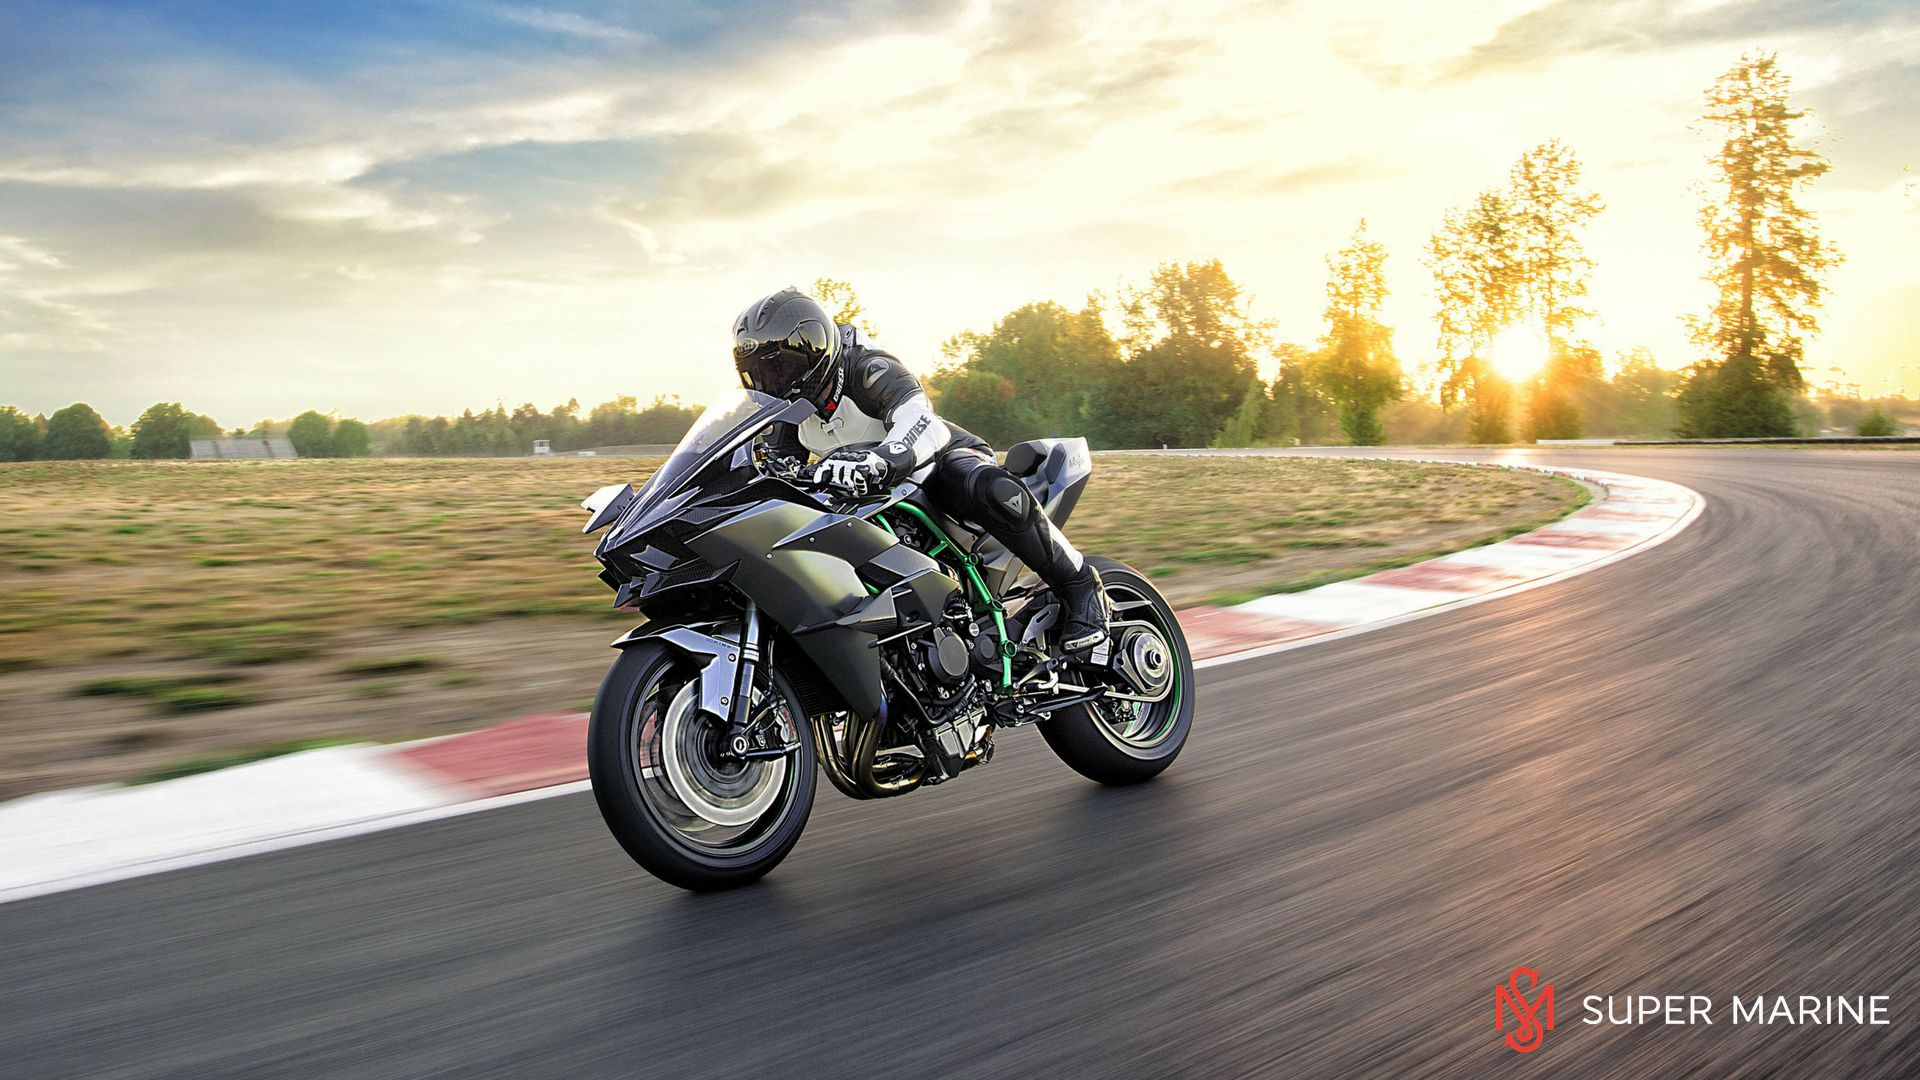 Мотоцикл Kawasaki Ninja H2R Серый 2020 - 9